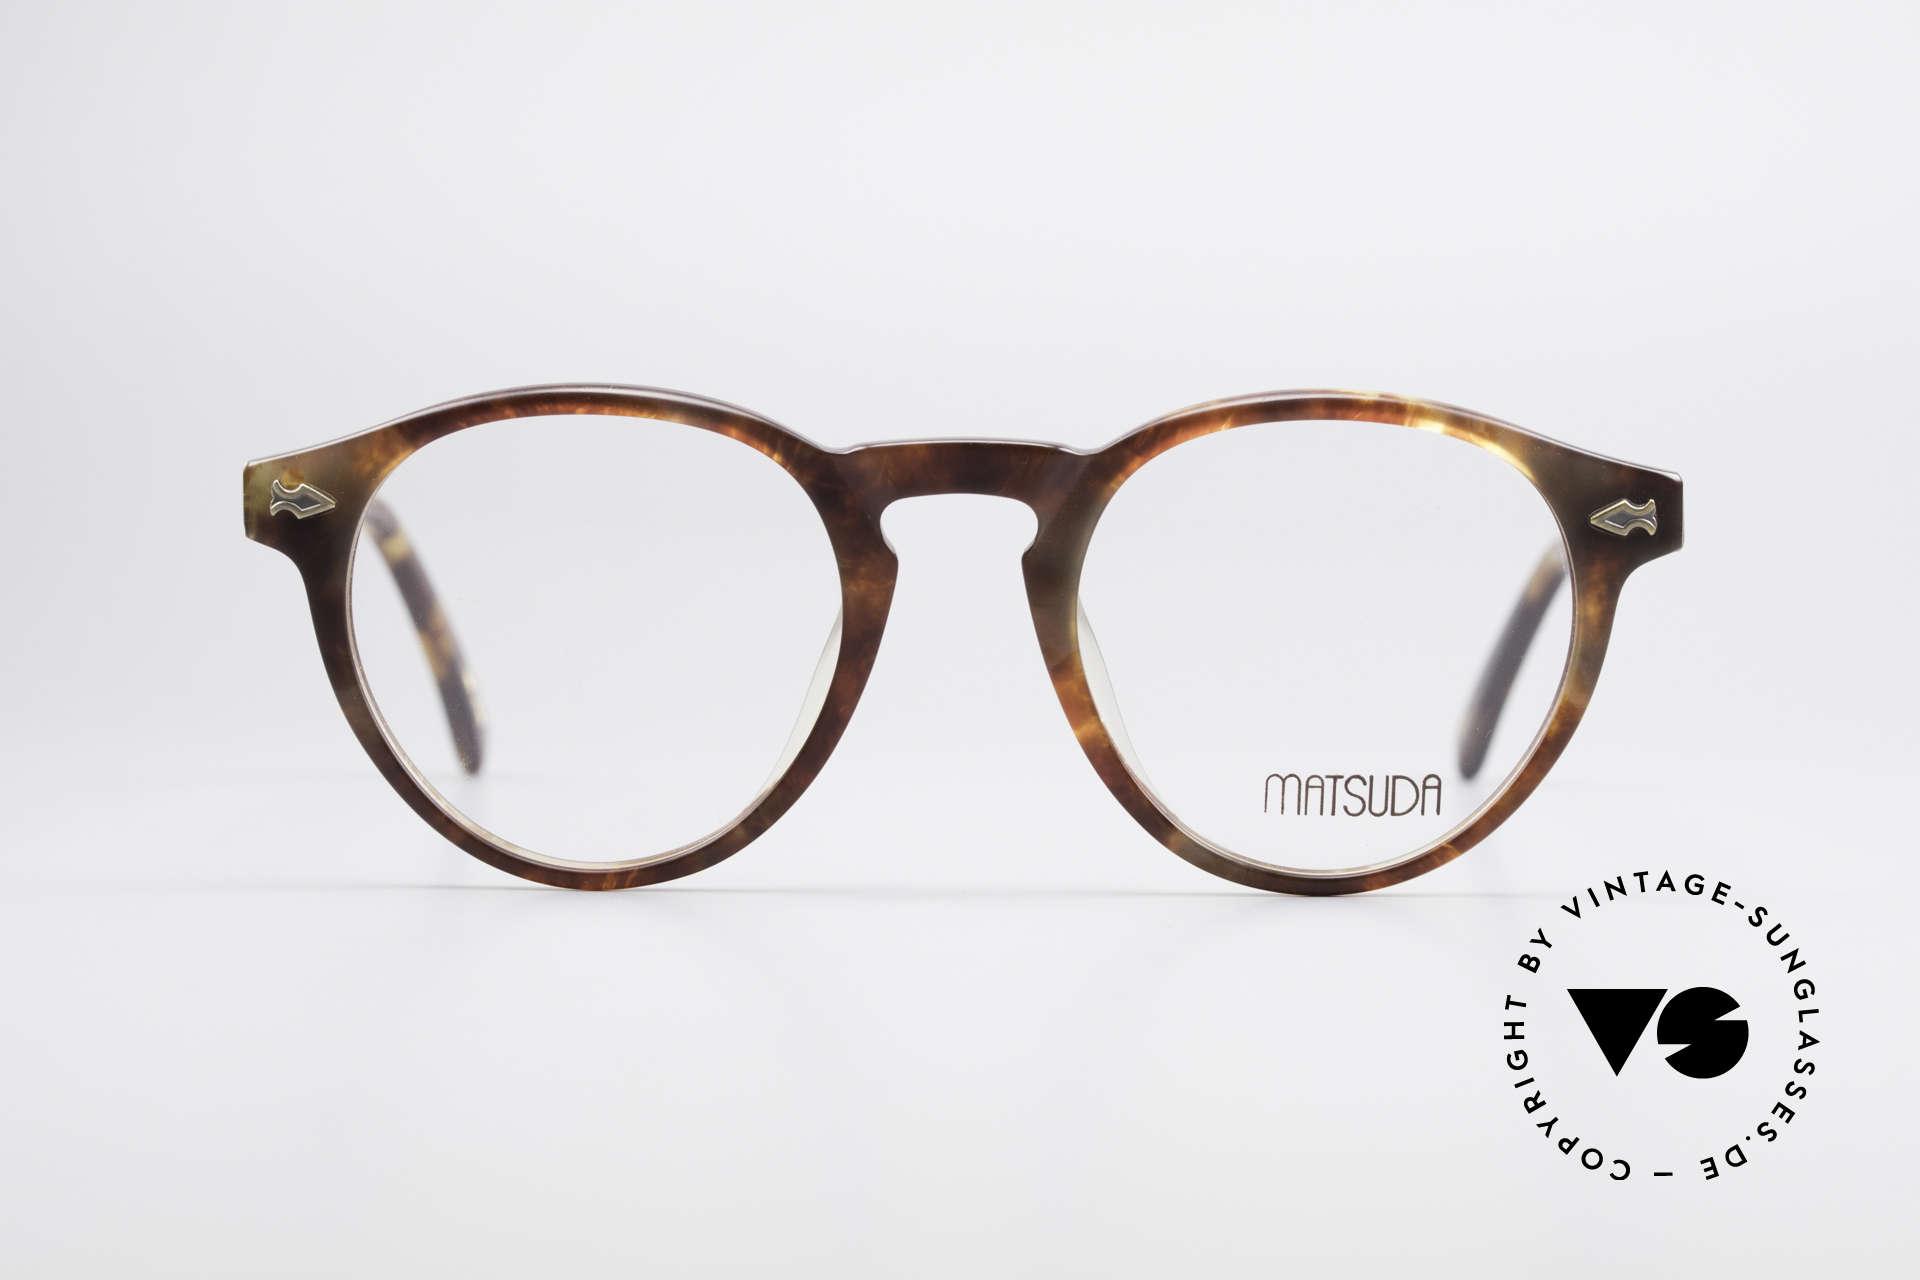 Matsuda 2303 Panto Vintage Designerbrille, Premiumqualität aus der jap. 'Design-Manufaktur', Passend für Herren und Damen